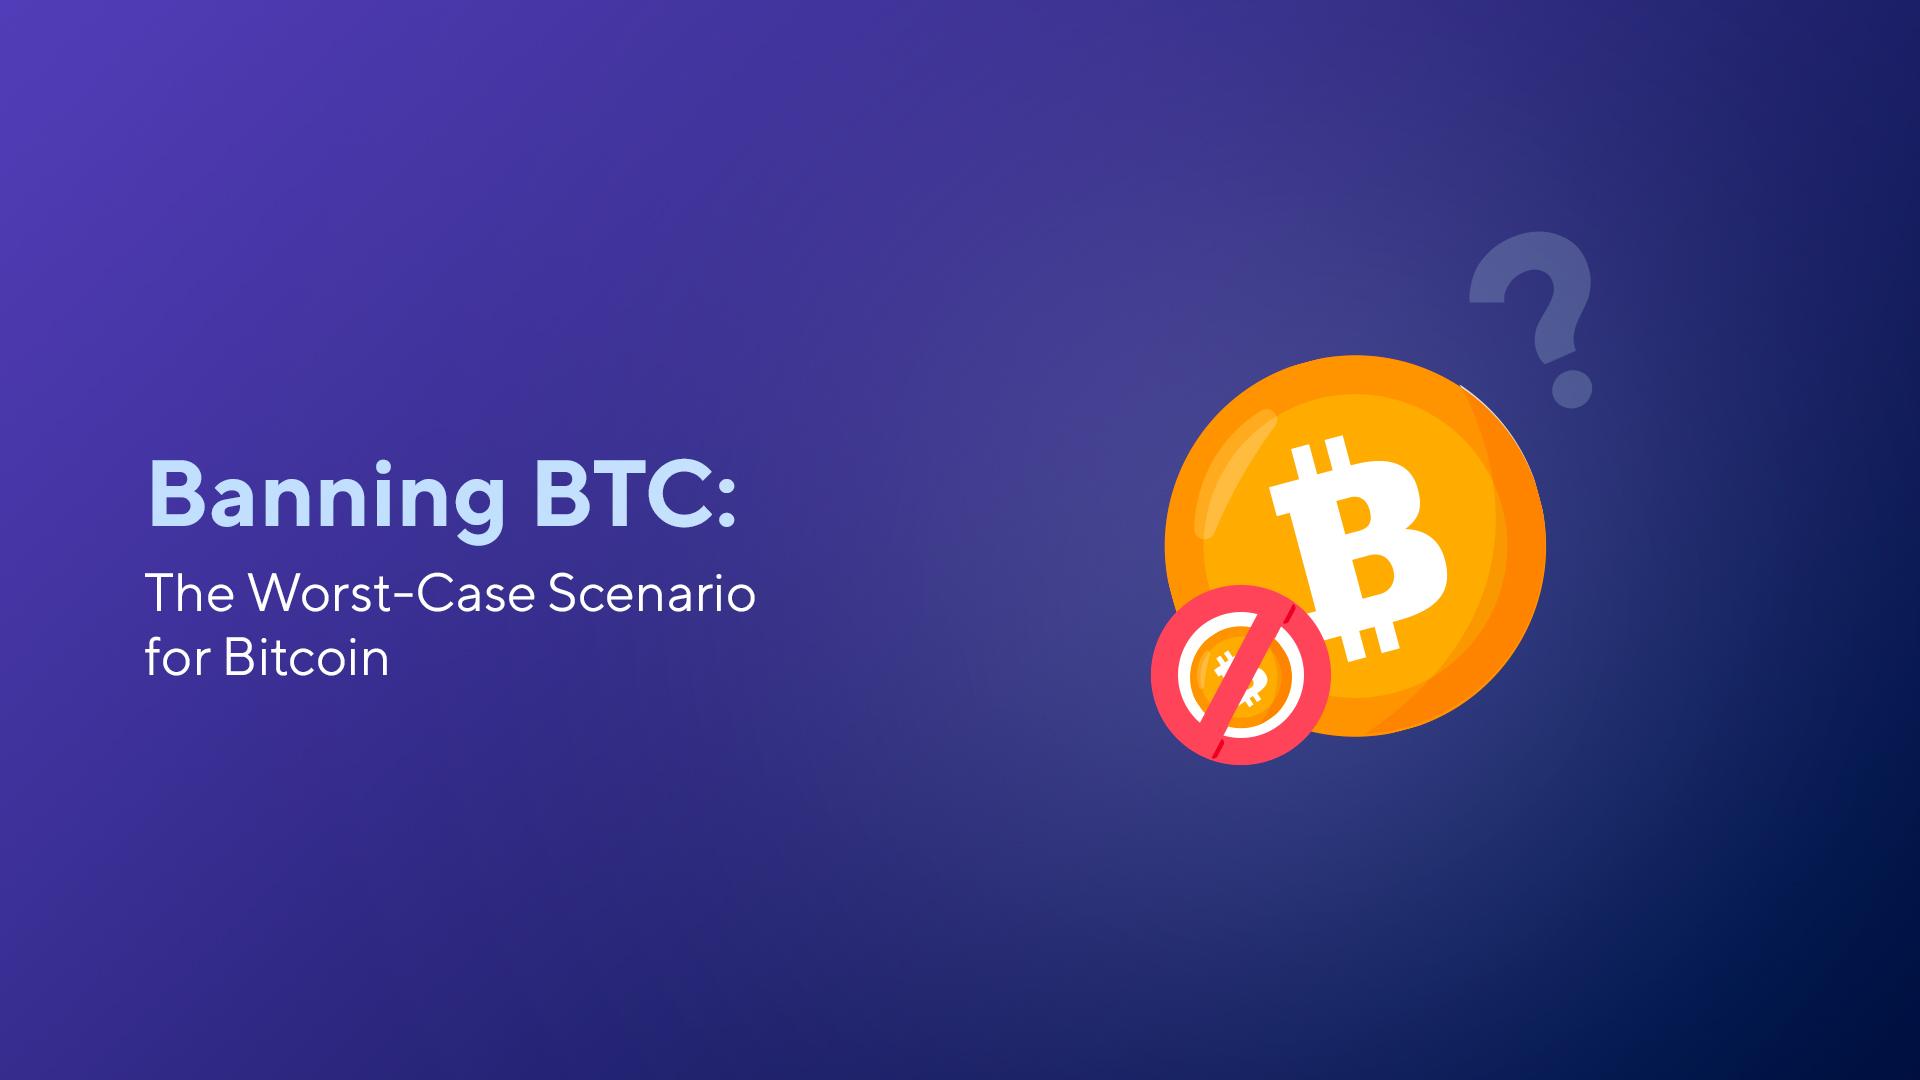 Banning BTC: The Worst-Case Scenario for Bitcoin